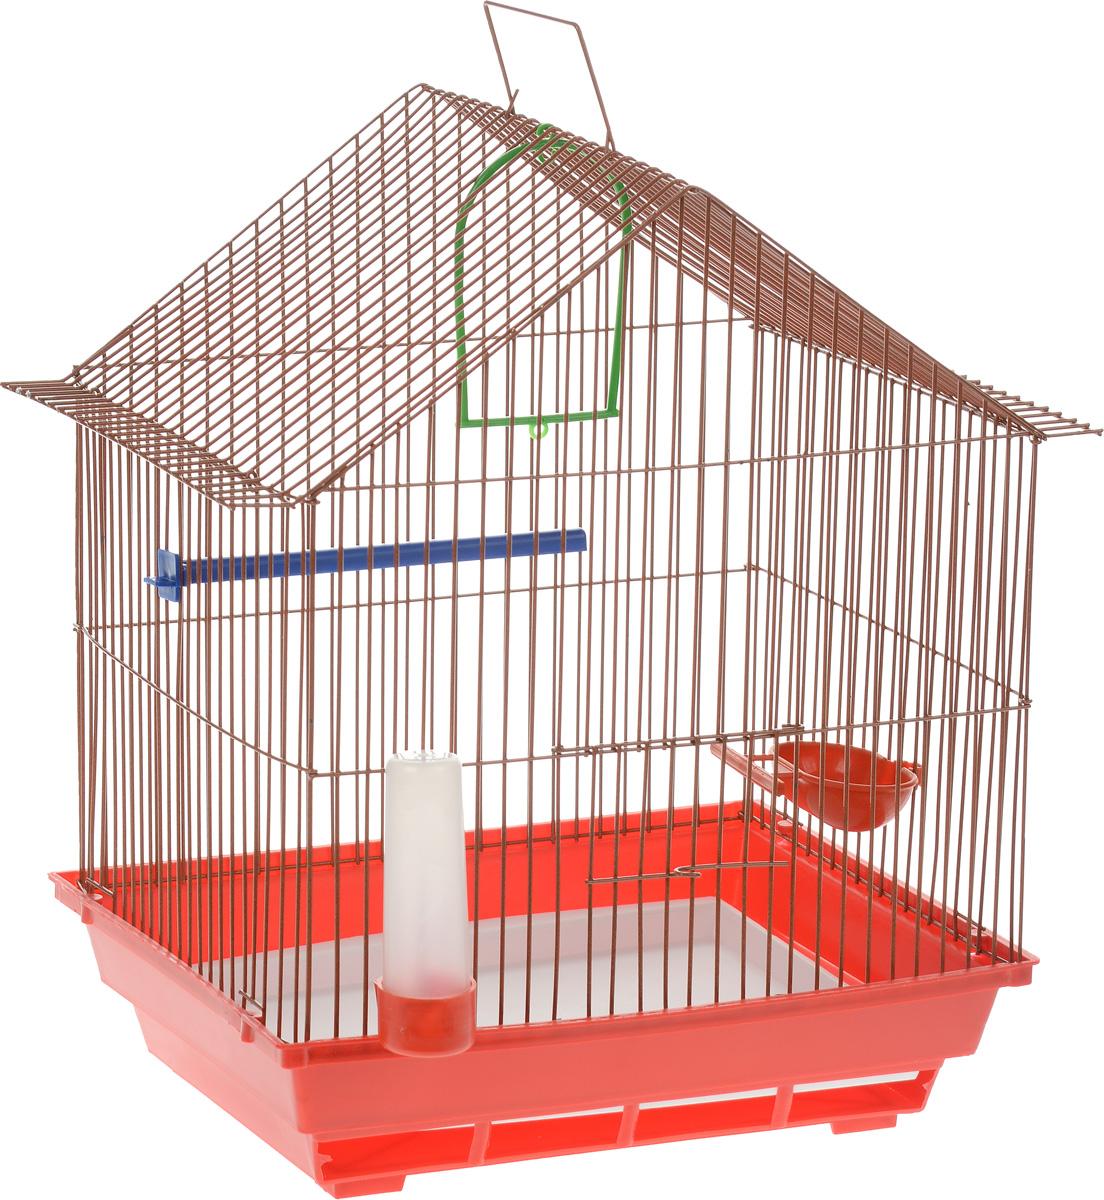 Клетка для птиц ЗооМарк, цвет: красный поддон, оранжевая решетка, 39 х 28 х 42 см410_красный/оранжевыйКлетка ЗооМарк, выполненная из полипропилена и металла с эмалированным покрытием, предназначена для мелких птиц. Изделие состоит из большого поддона и решетки. Клетка снабжена металлической дверцей. В основании клетки находится малый поддон. Клетка удобна в использовании и легко чистится. Она оснащена кольцом для птицы, поилкой, кормушкой и подвижной ручкой для удобной переноски. Комплектация: - клетка с поддоном; - малый поддон; - поилка; - кормушка;- кольцо.